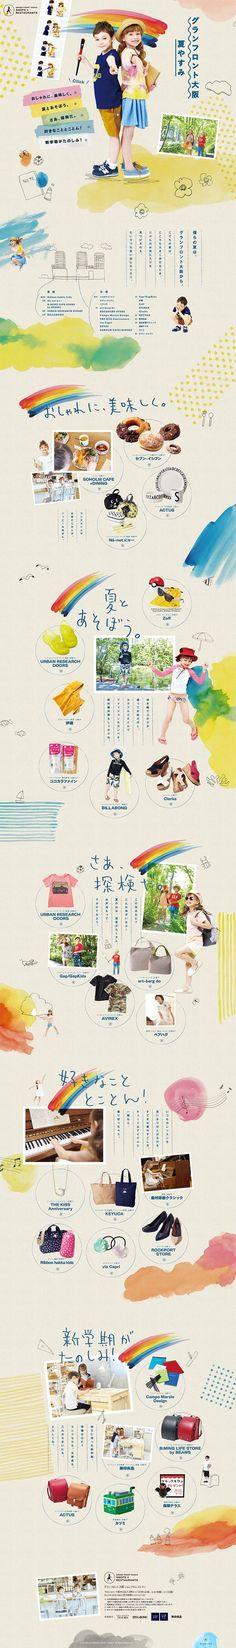 グランフロント大阪夏休み【サービス関連】のLPデザイン。WEBデザイナーさん必見!ランディングページのデザイン参考に(かわいい系):